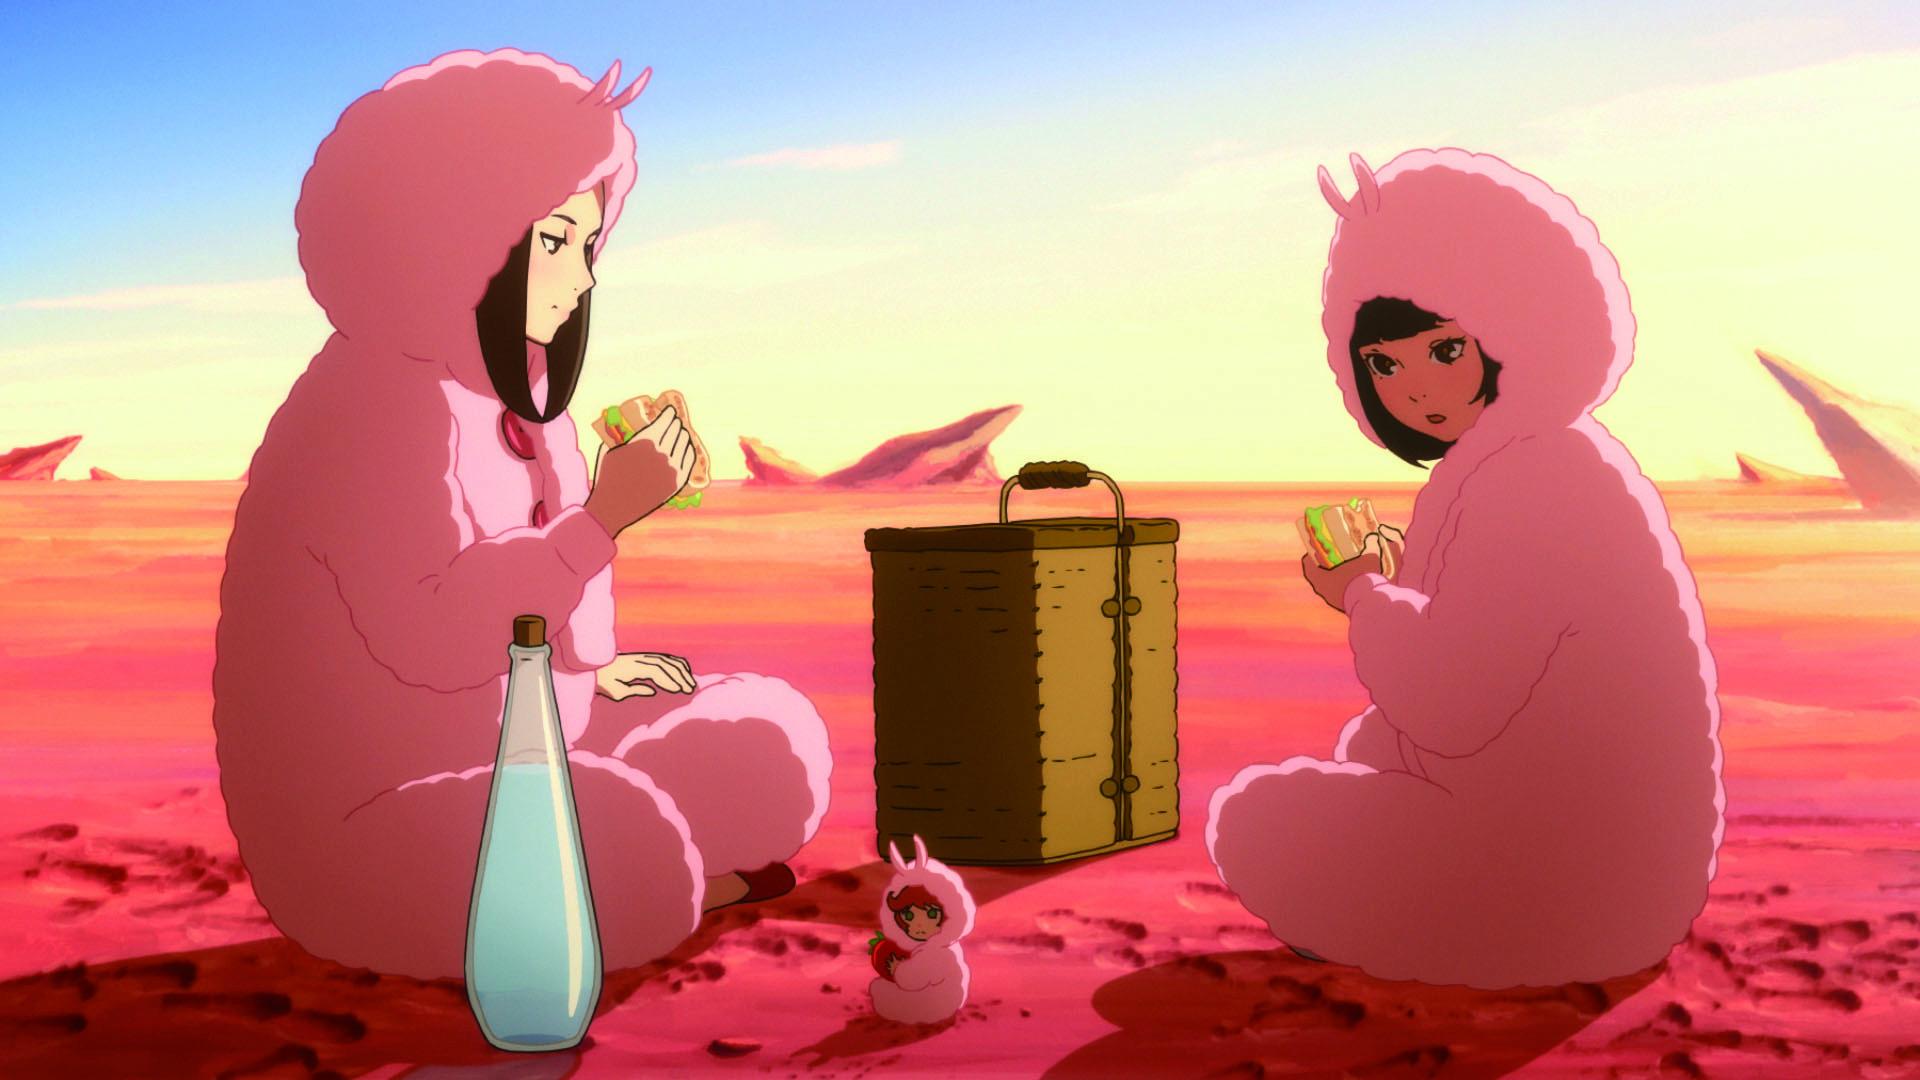 《生日幻境》 場景圖 Cf-c2010